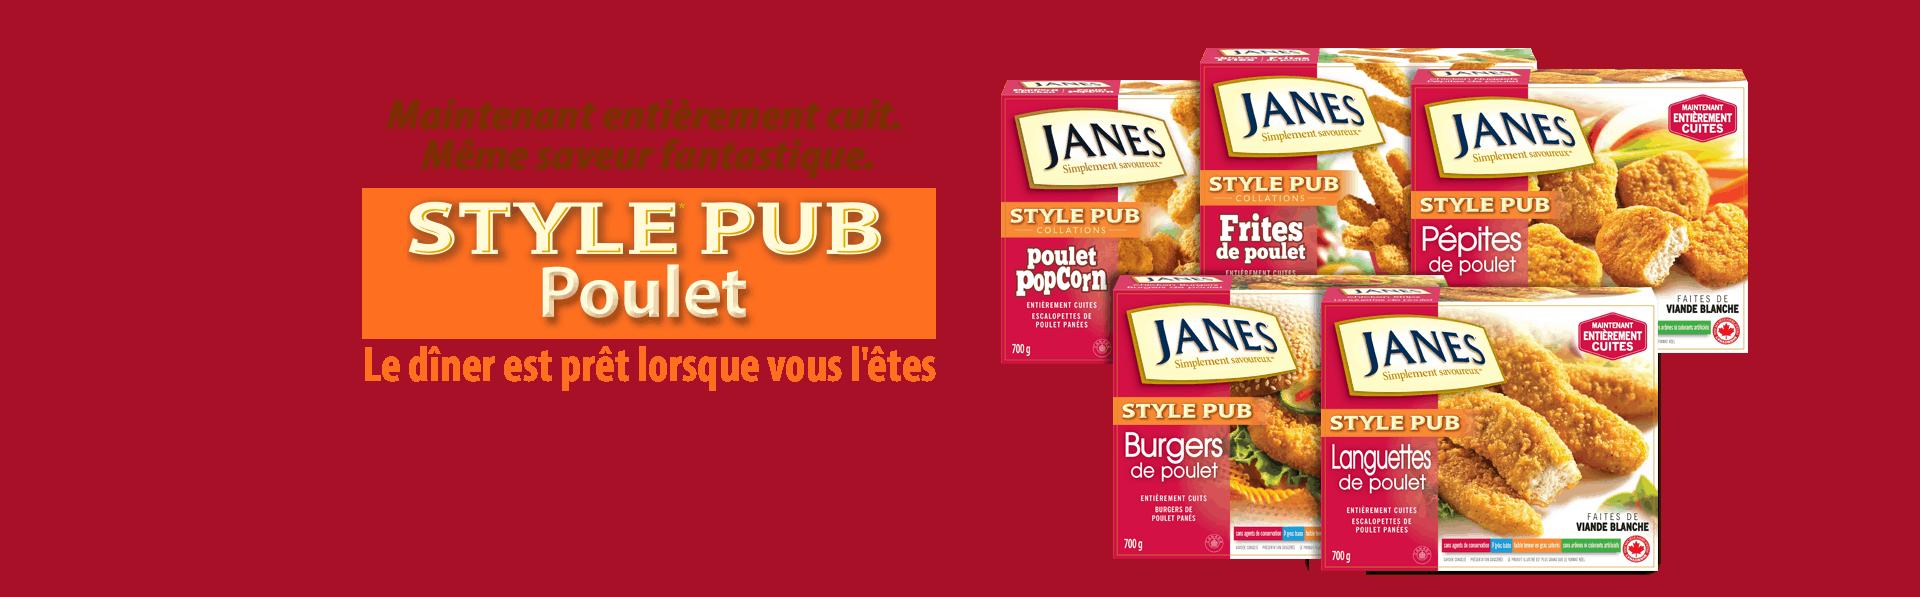 style pub Poulet